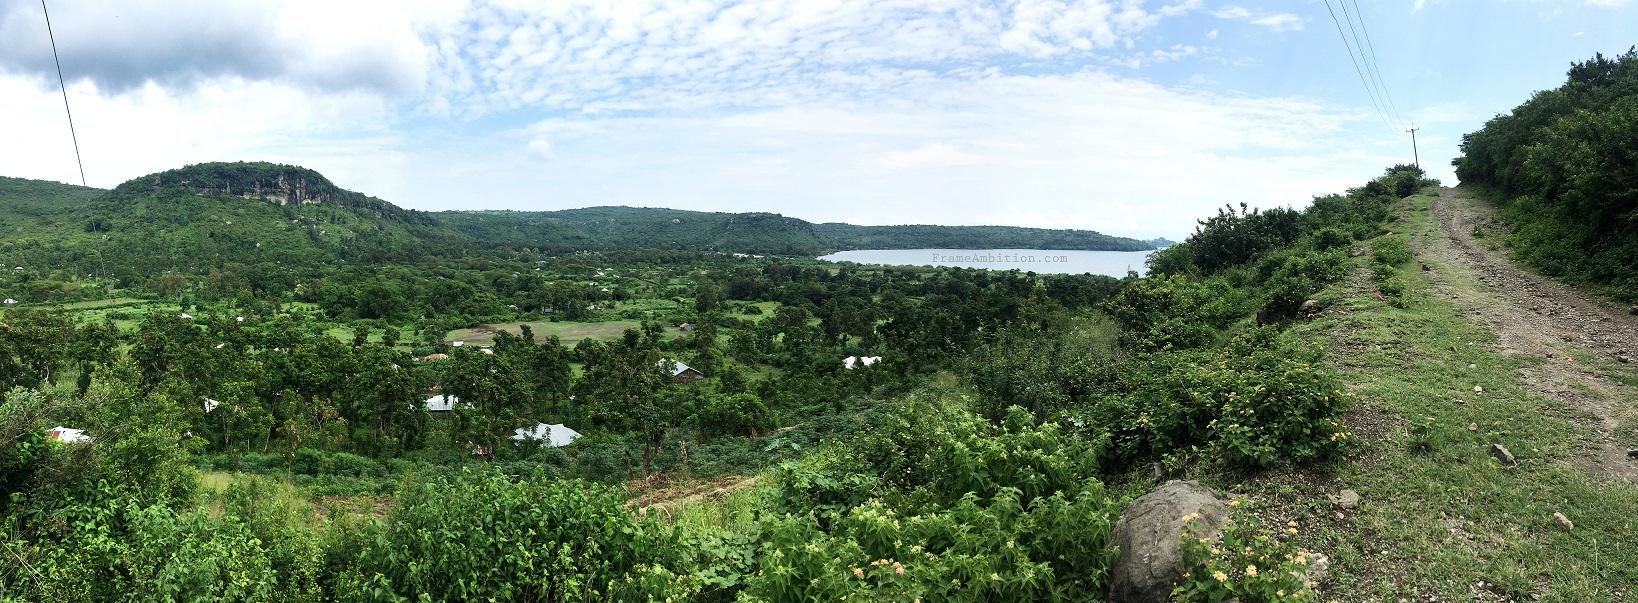 mfangano-island-panorama.jpg